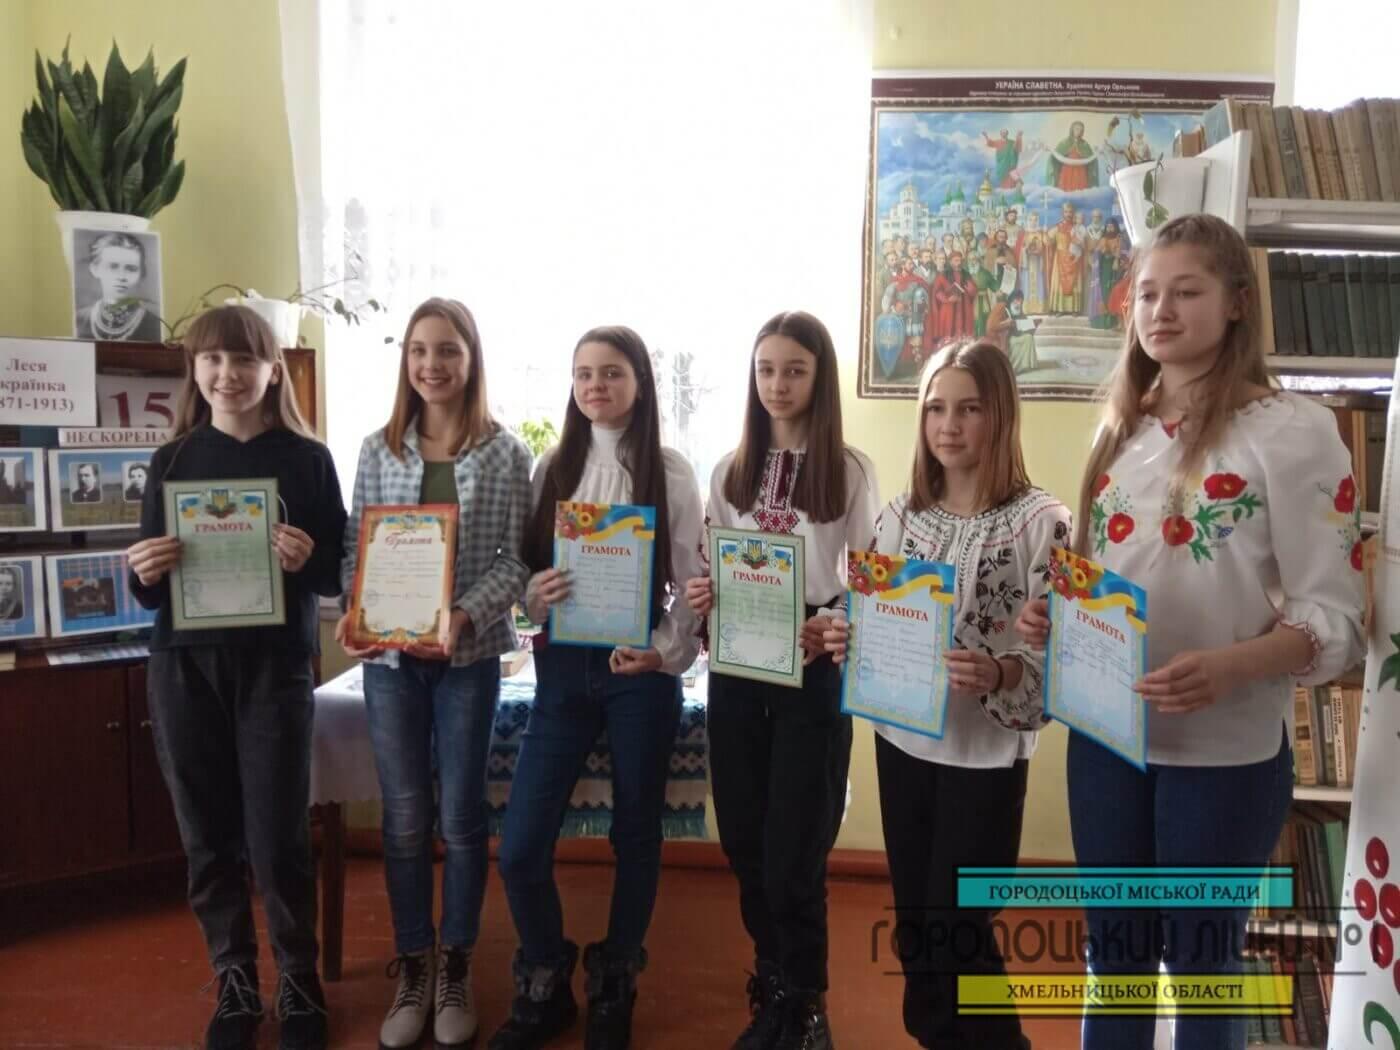 zobrazhennya viber 2021 02 26 15 37 07 1400x1050 - Конкурс читців поезій «Лесина пісня»